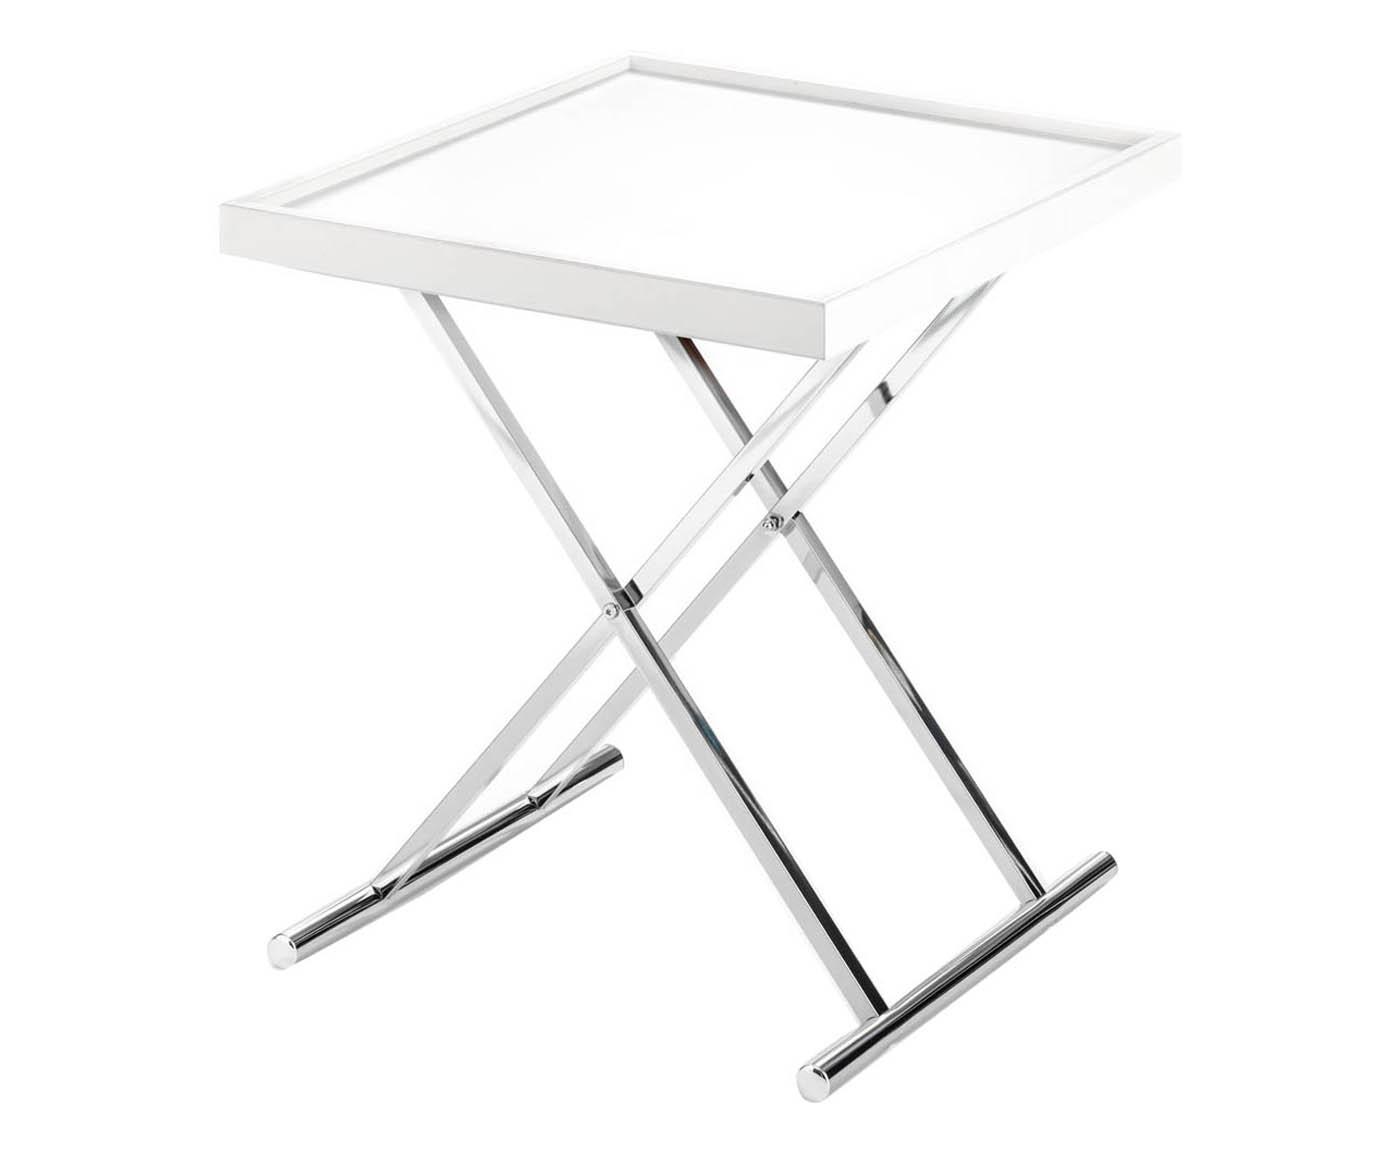 Tavolino Con Vassoio.Tavolino Comodino Moderno Con Vassoio Estraibile